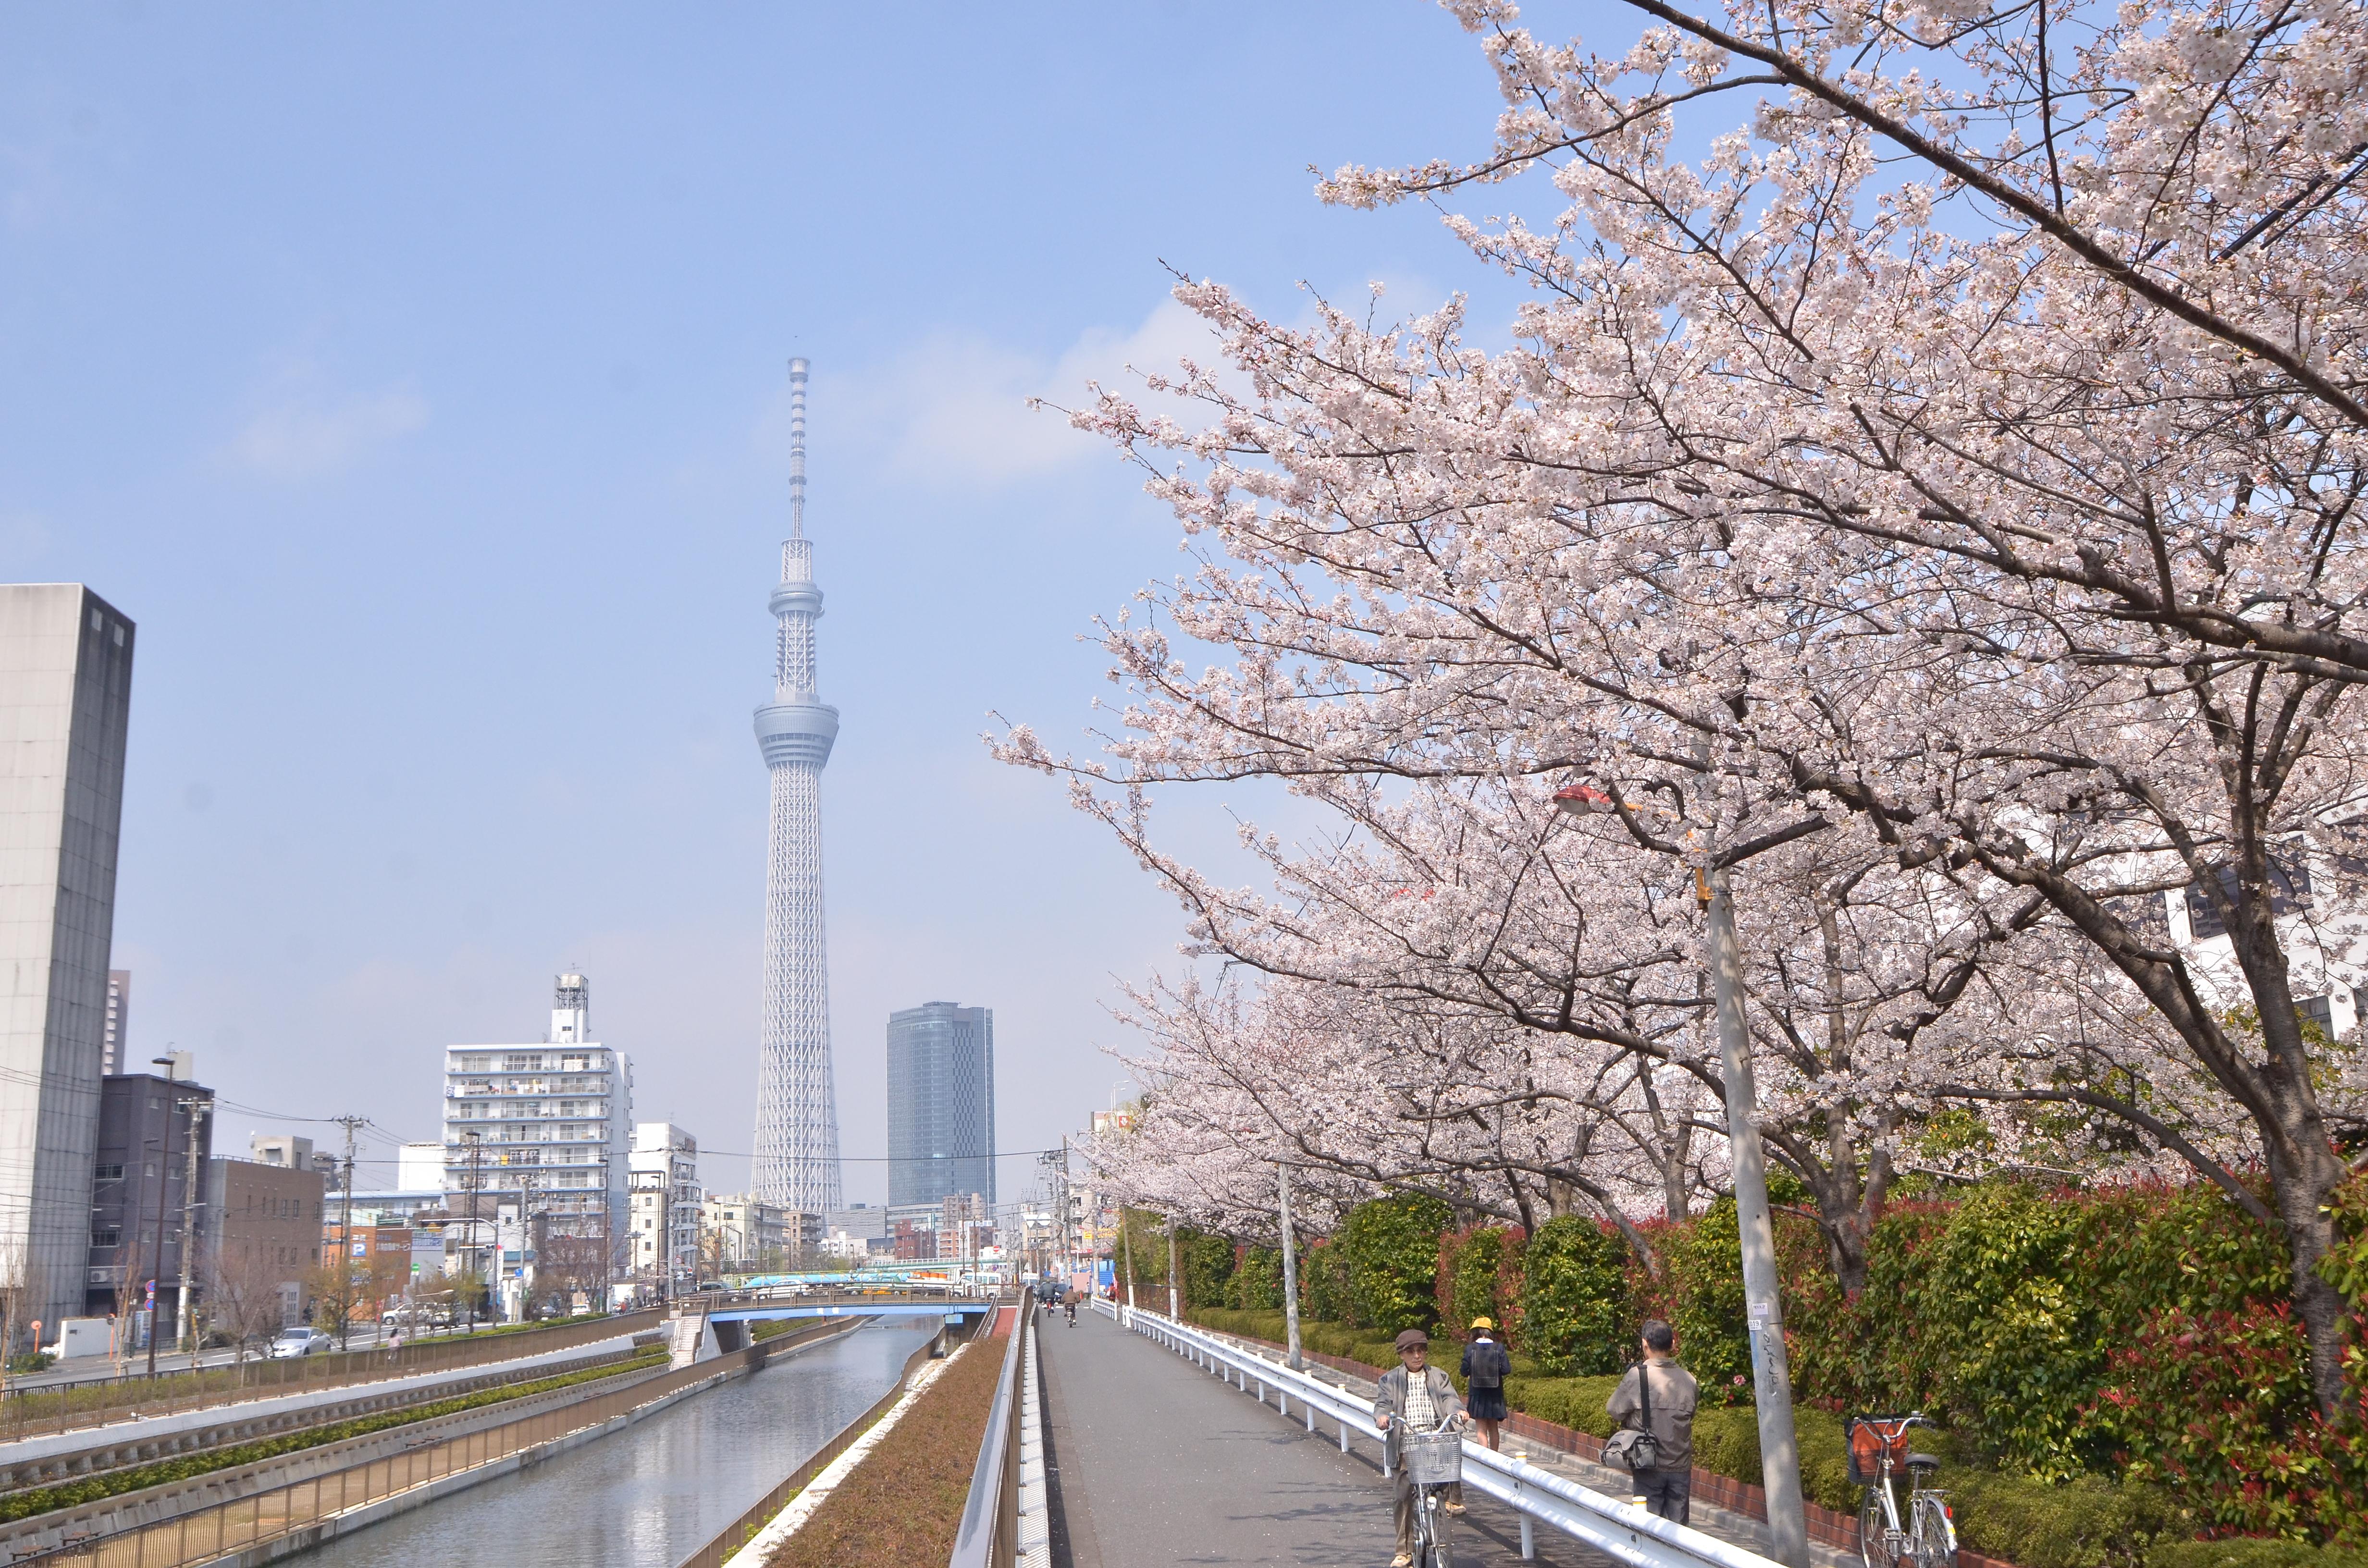 桜並木と東京スカイツリー